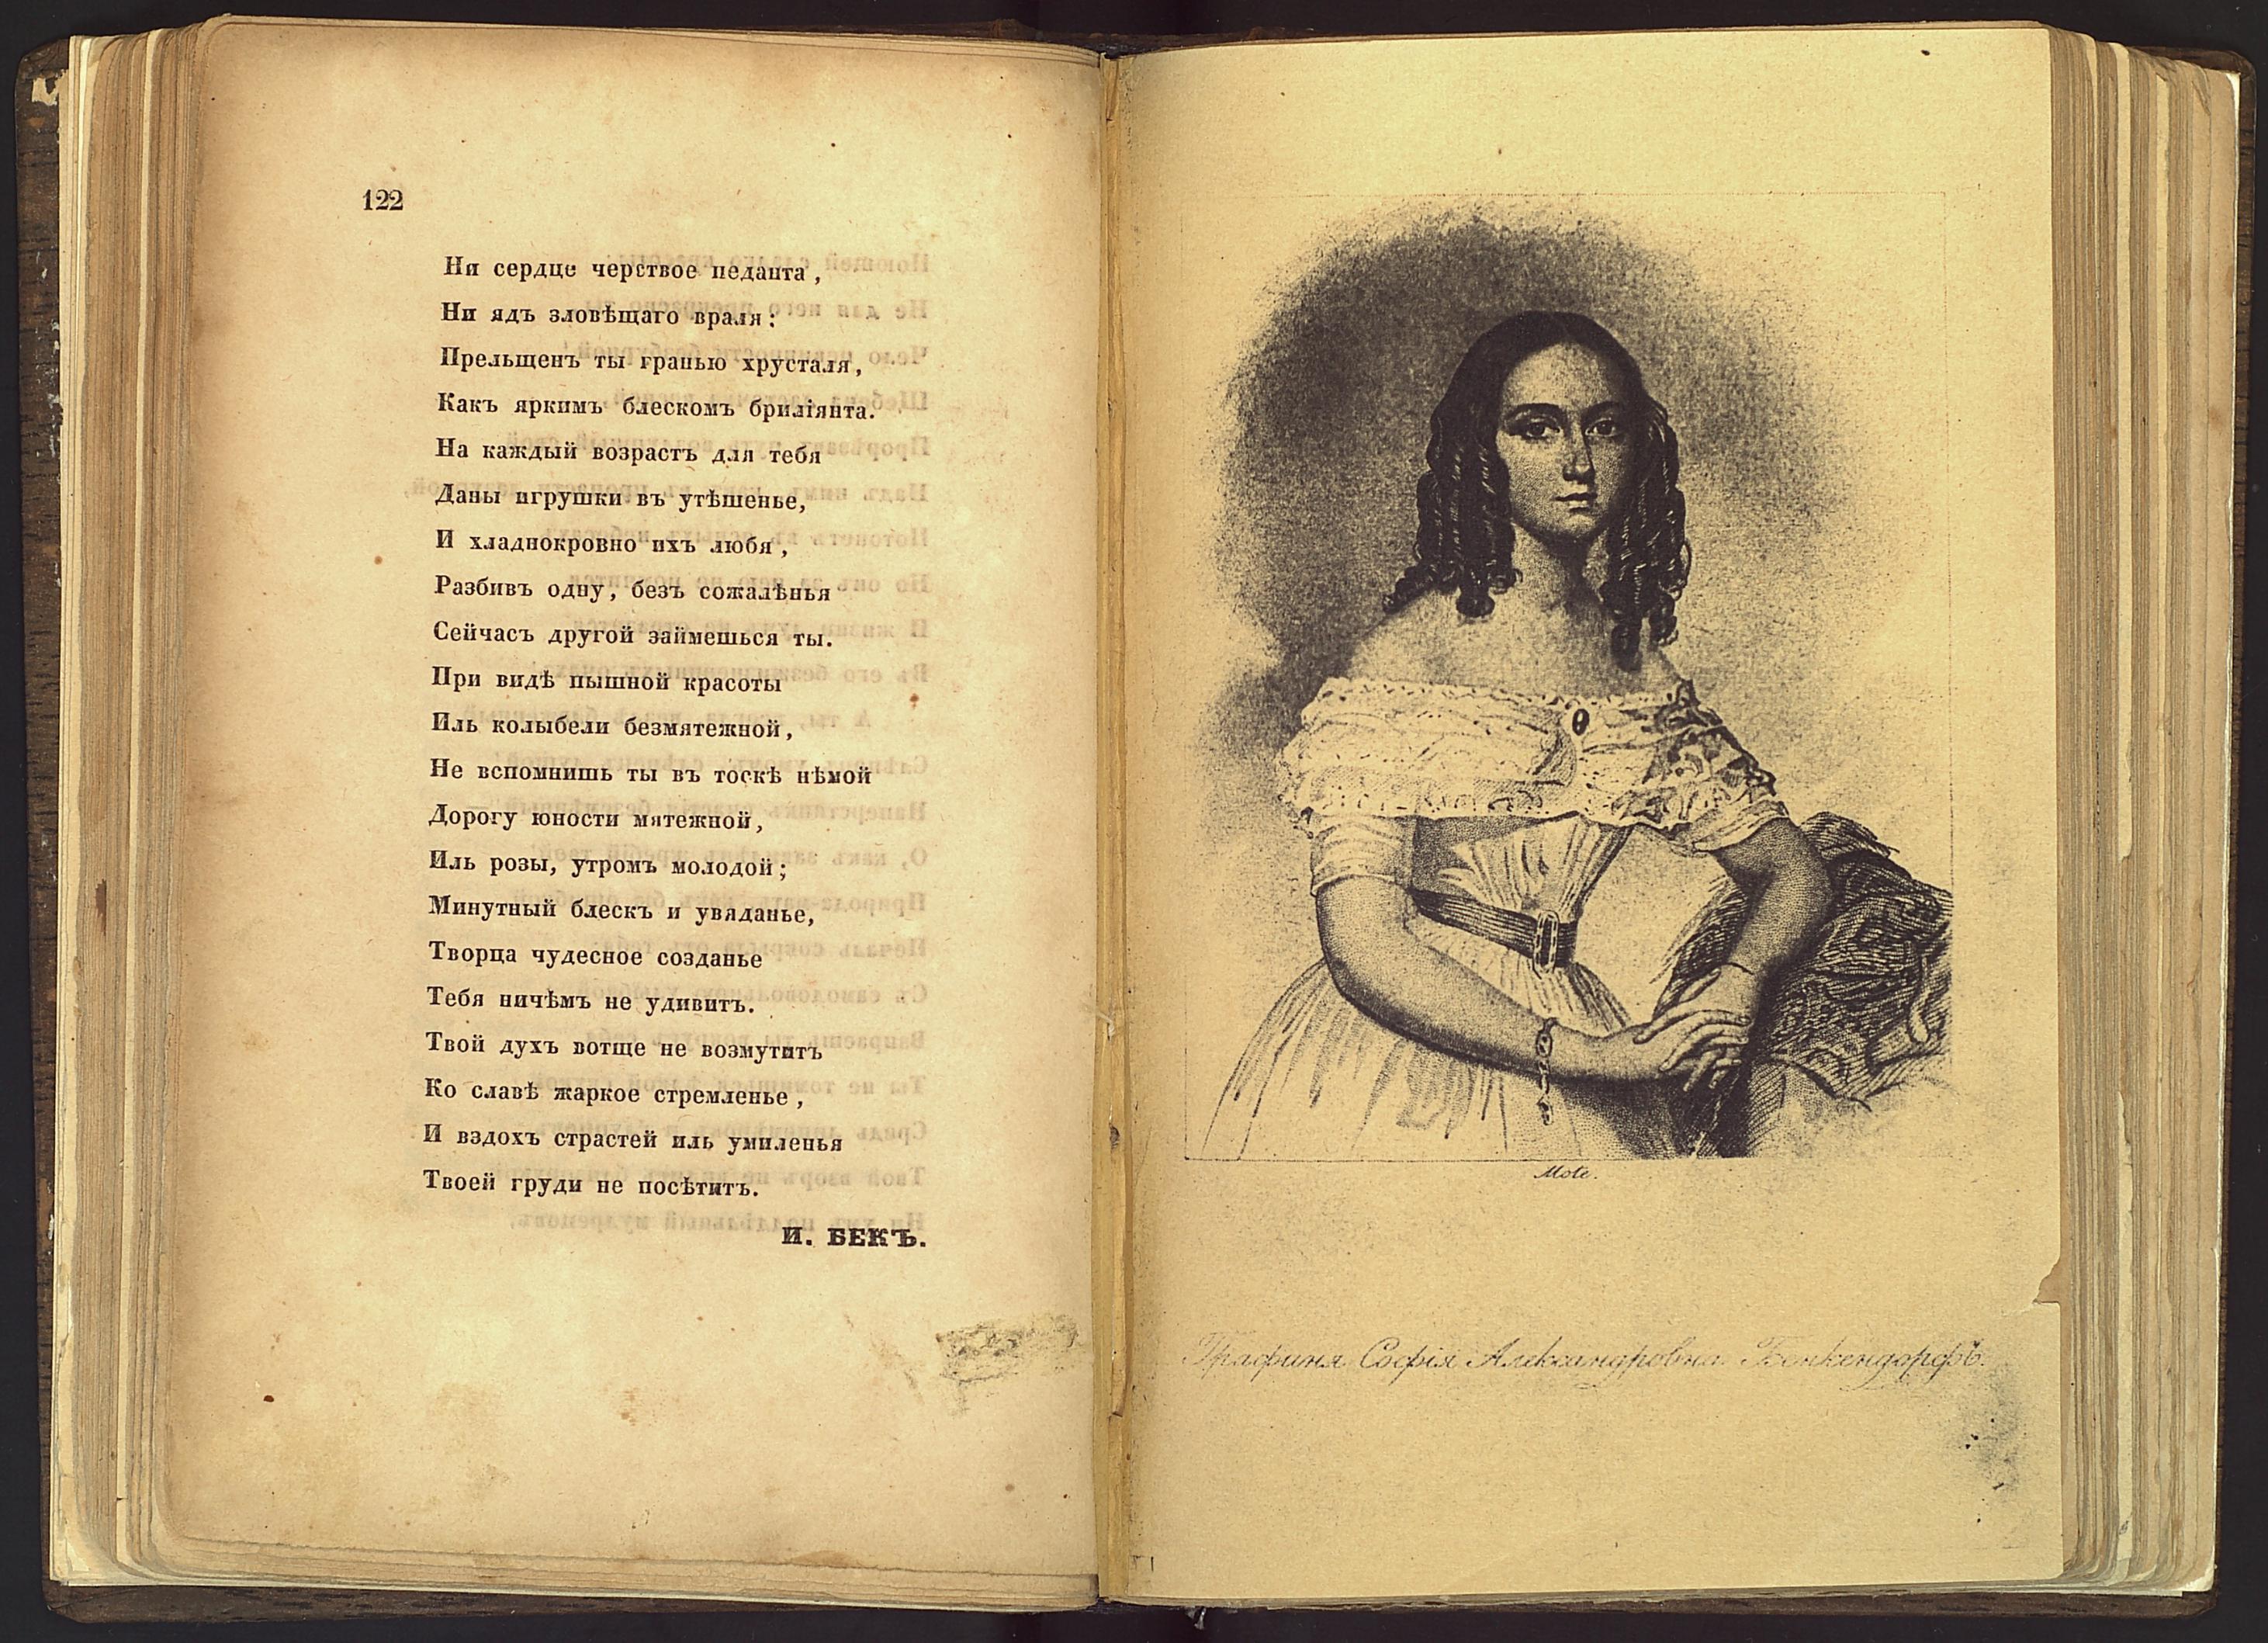 ЛОК-7485 ТАРХАНЫ КП-14067  Книга Утренняя заря на 1842 год._5